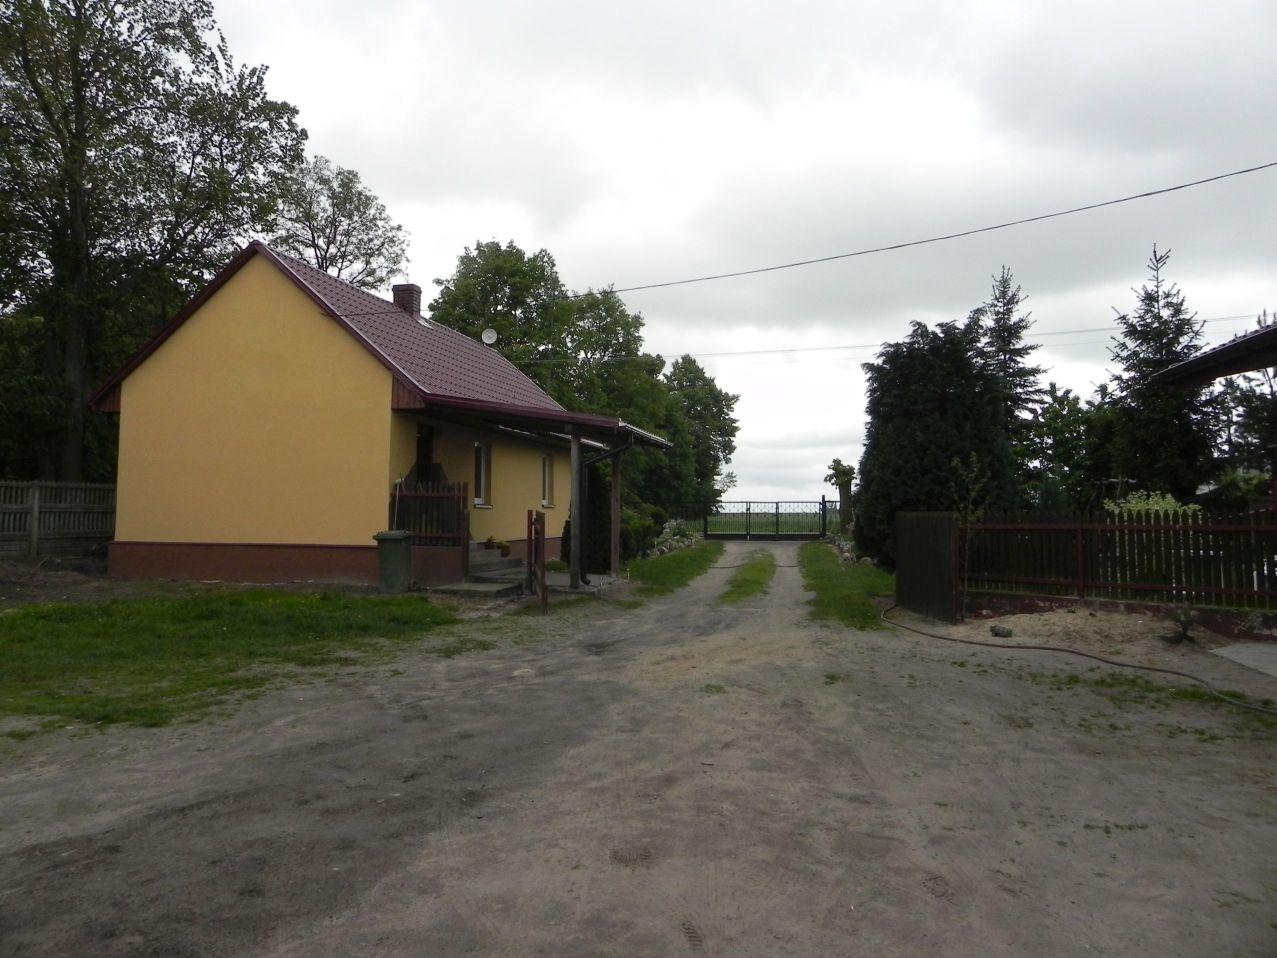 Galeria zdjęć Sochowej Zagrody - podwórko i przyroda (49)